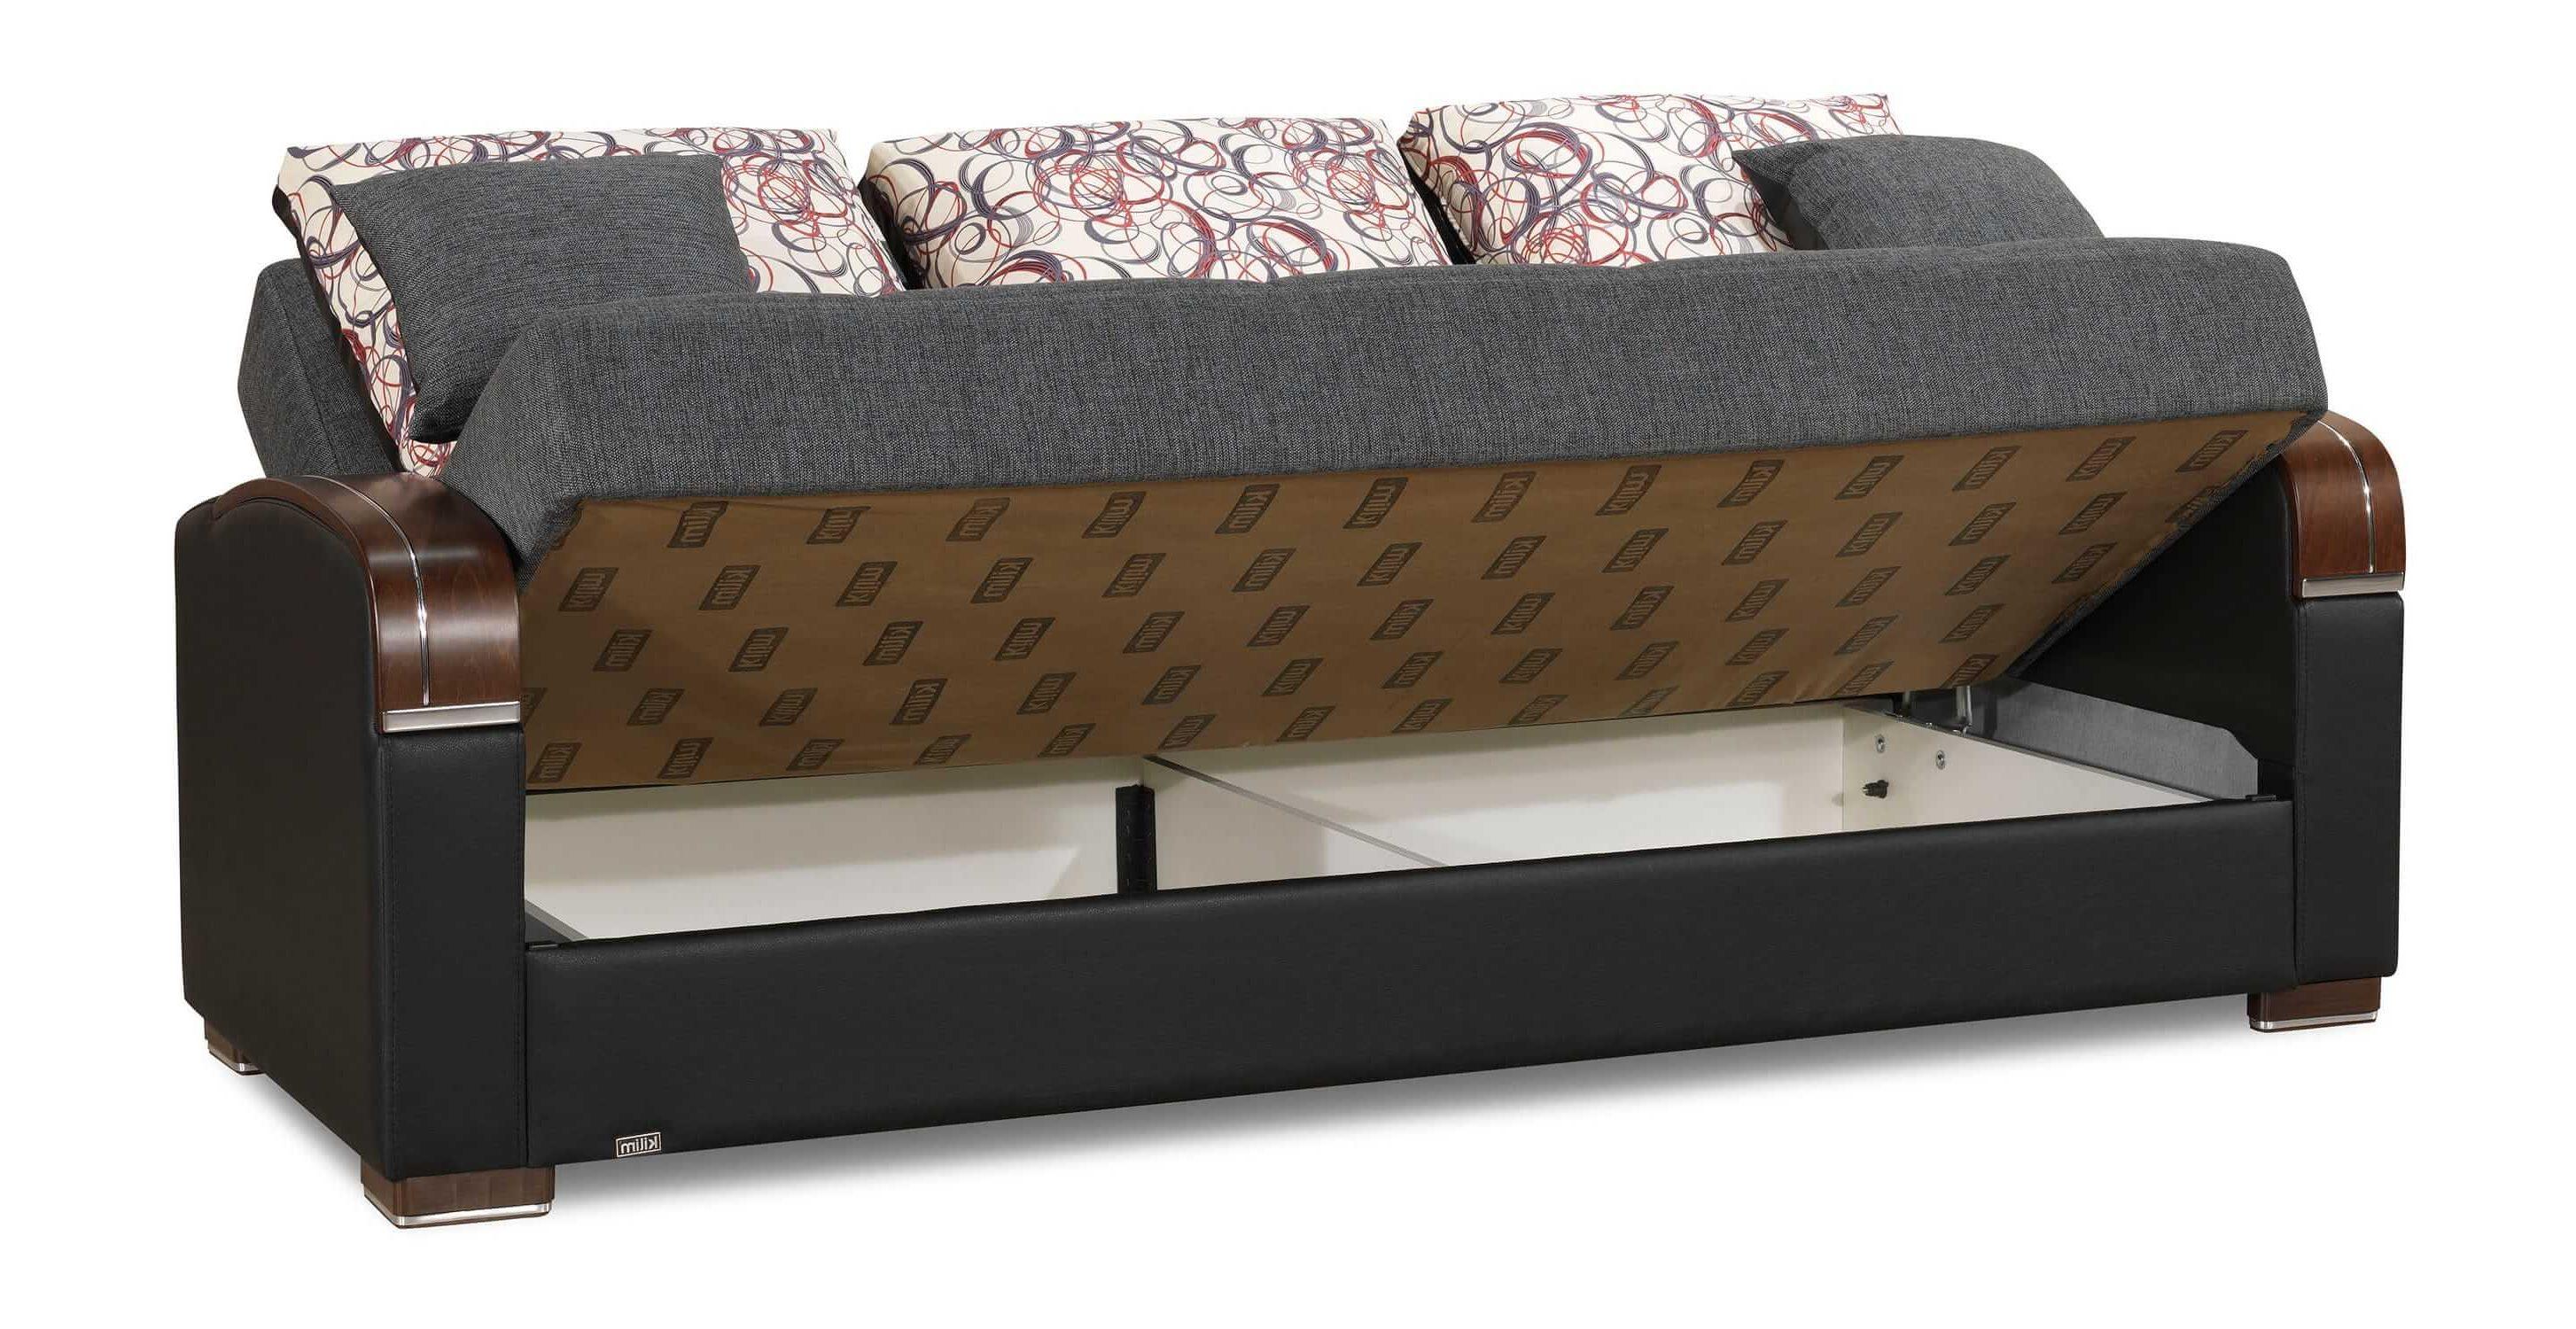 Quel Est Le Meilleur Canapé Convertible En 2020 ? tout Canape Convertible Tres Confortable